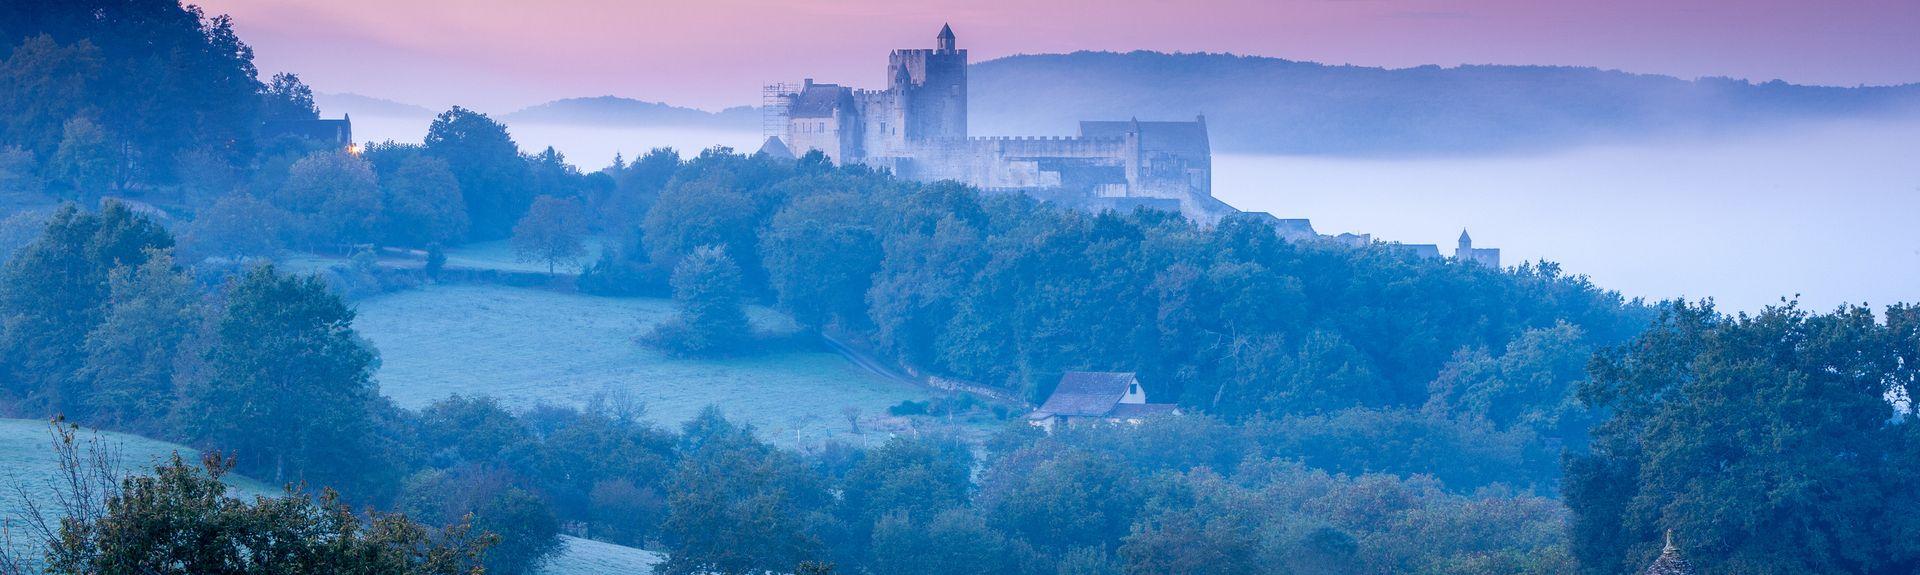 Périgord Noir, Nouvelle-Aquitaine, France